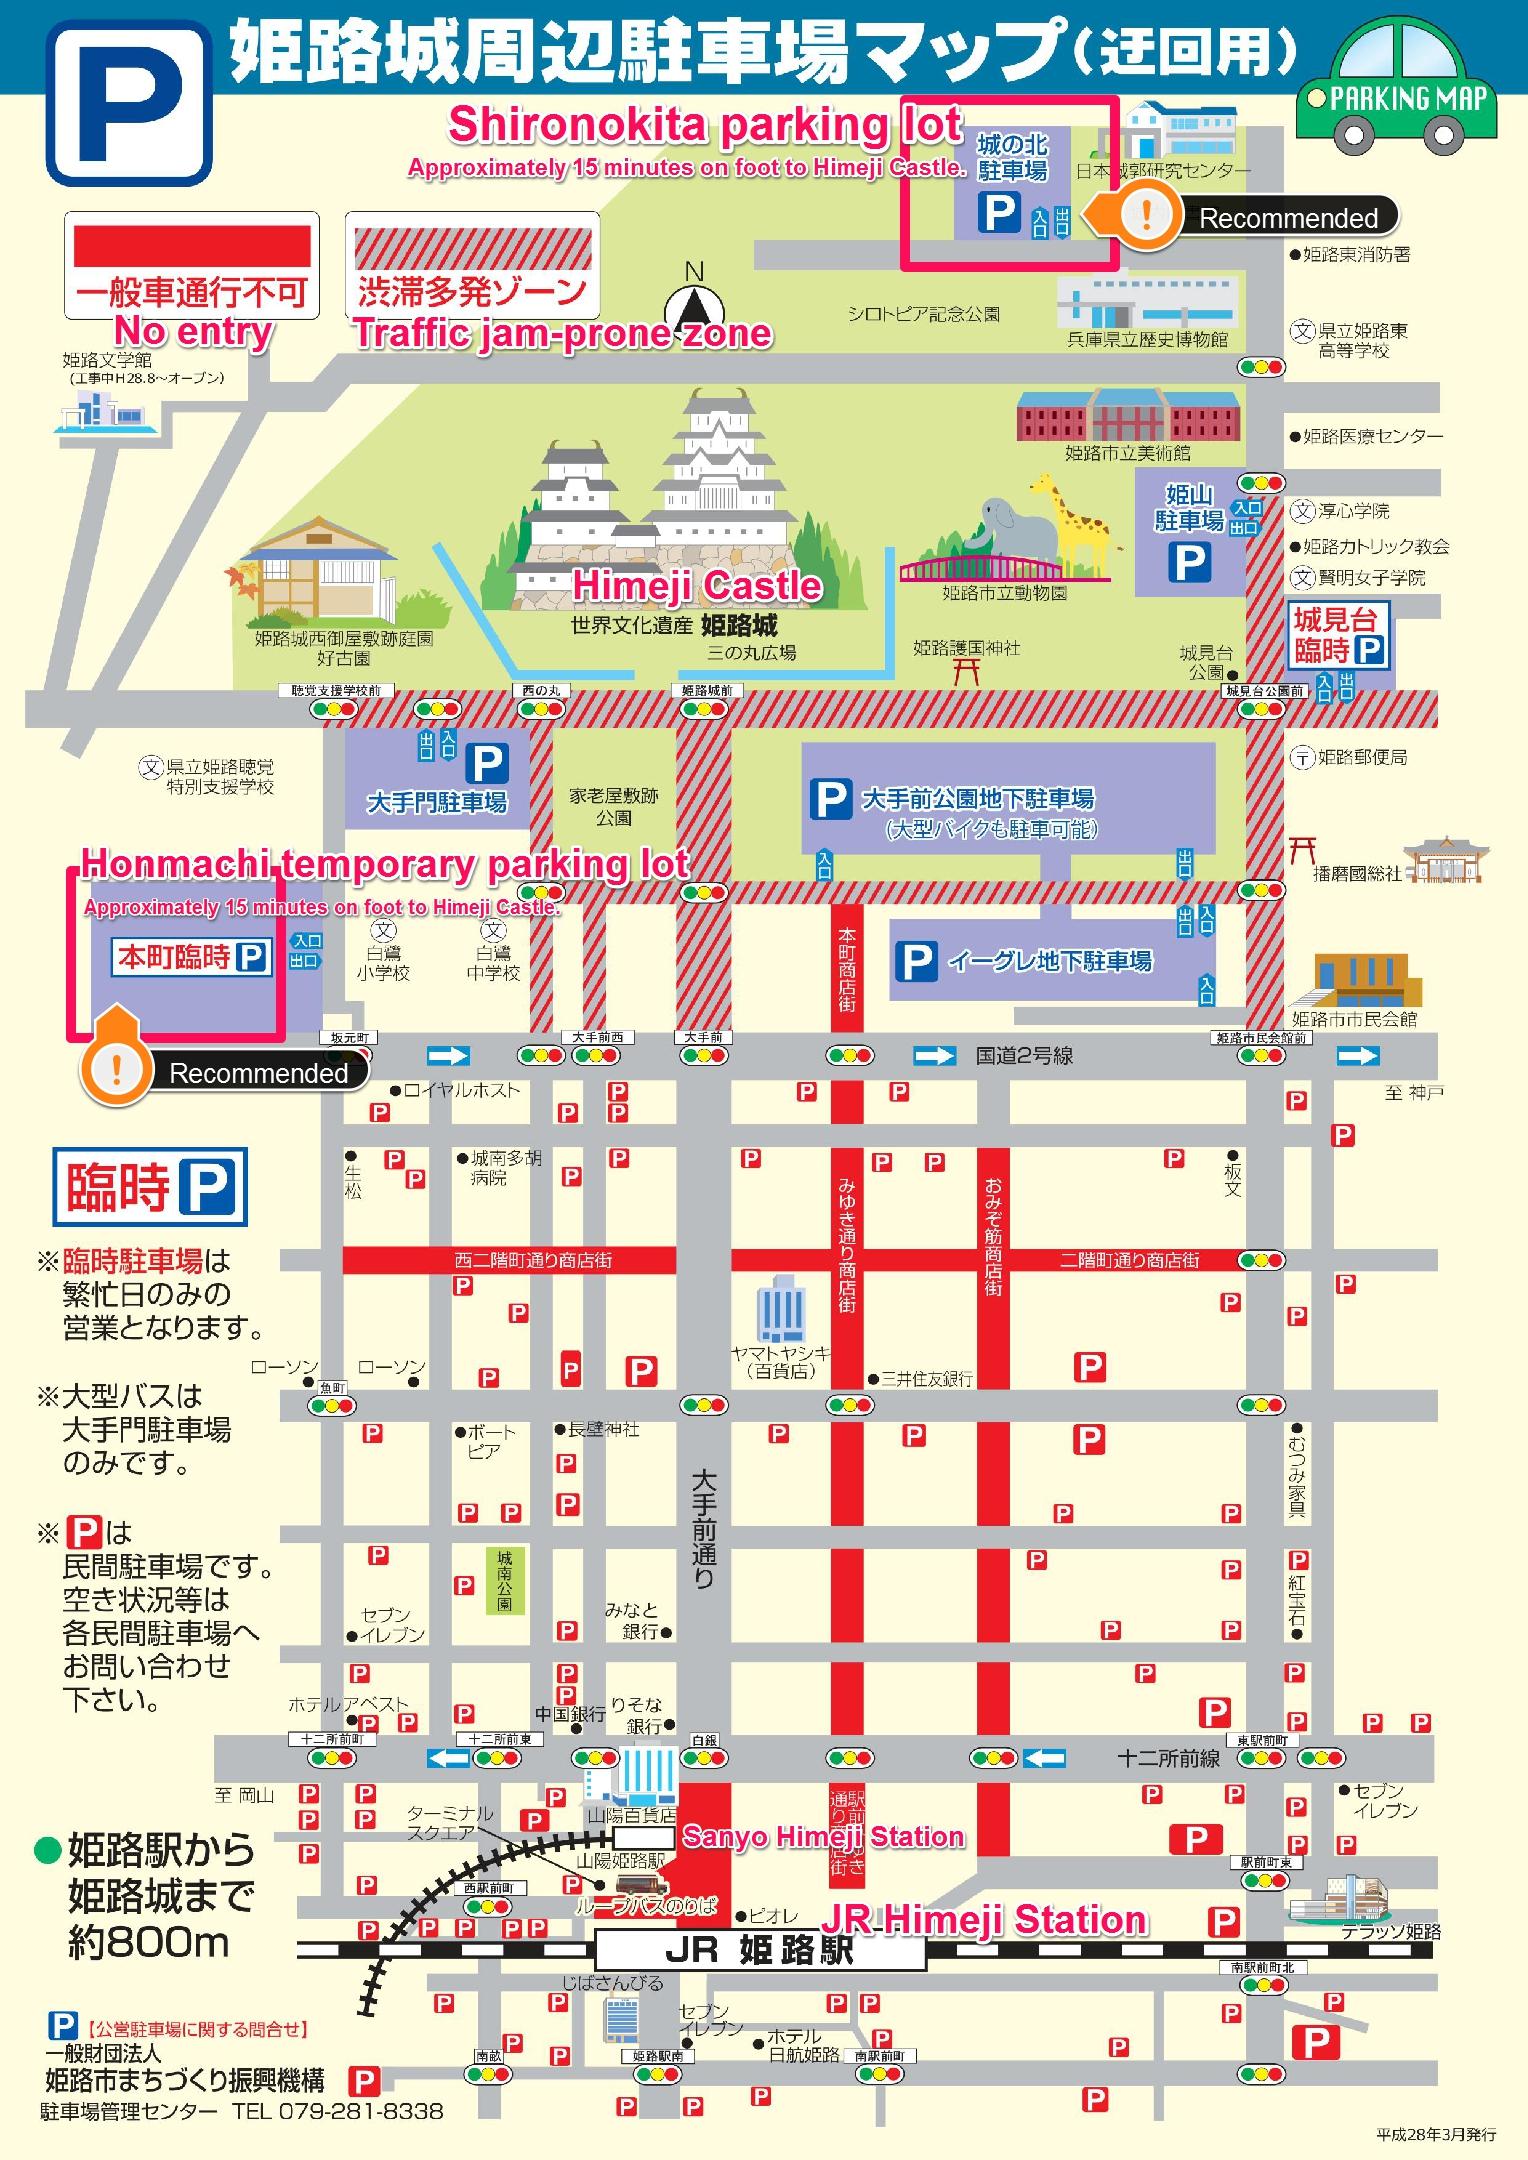 himeji-castle-parking-lot_en